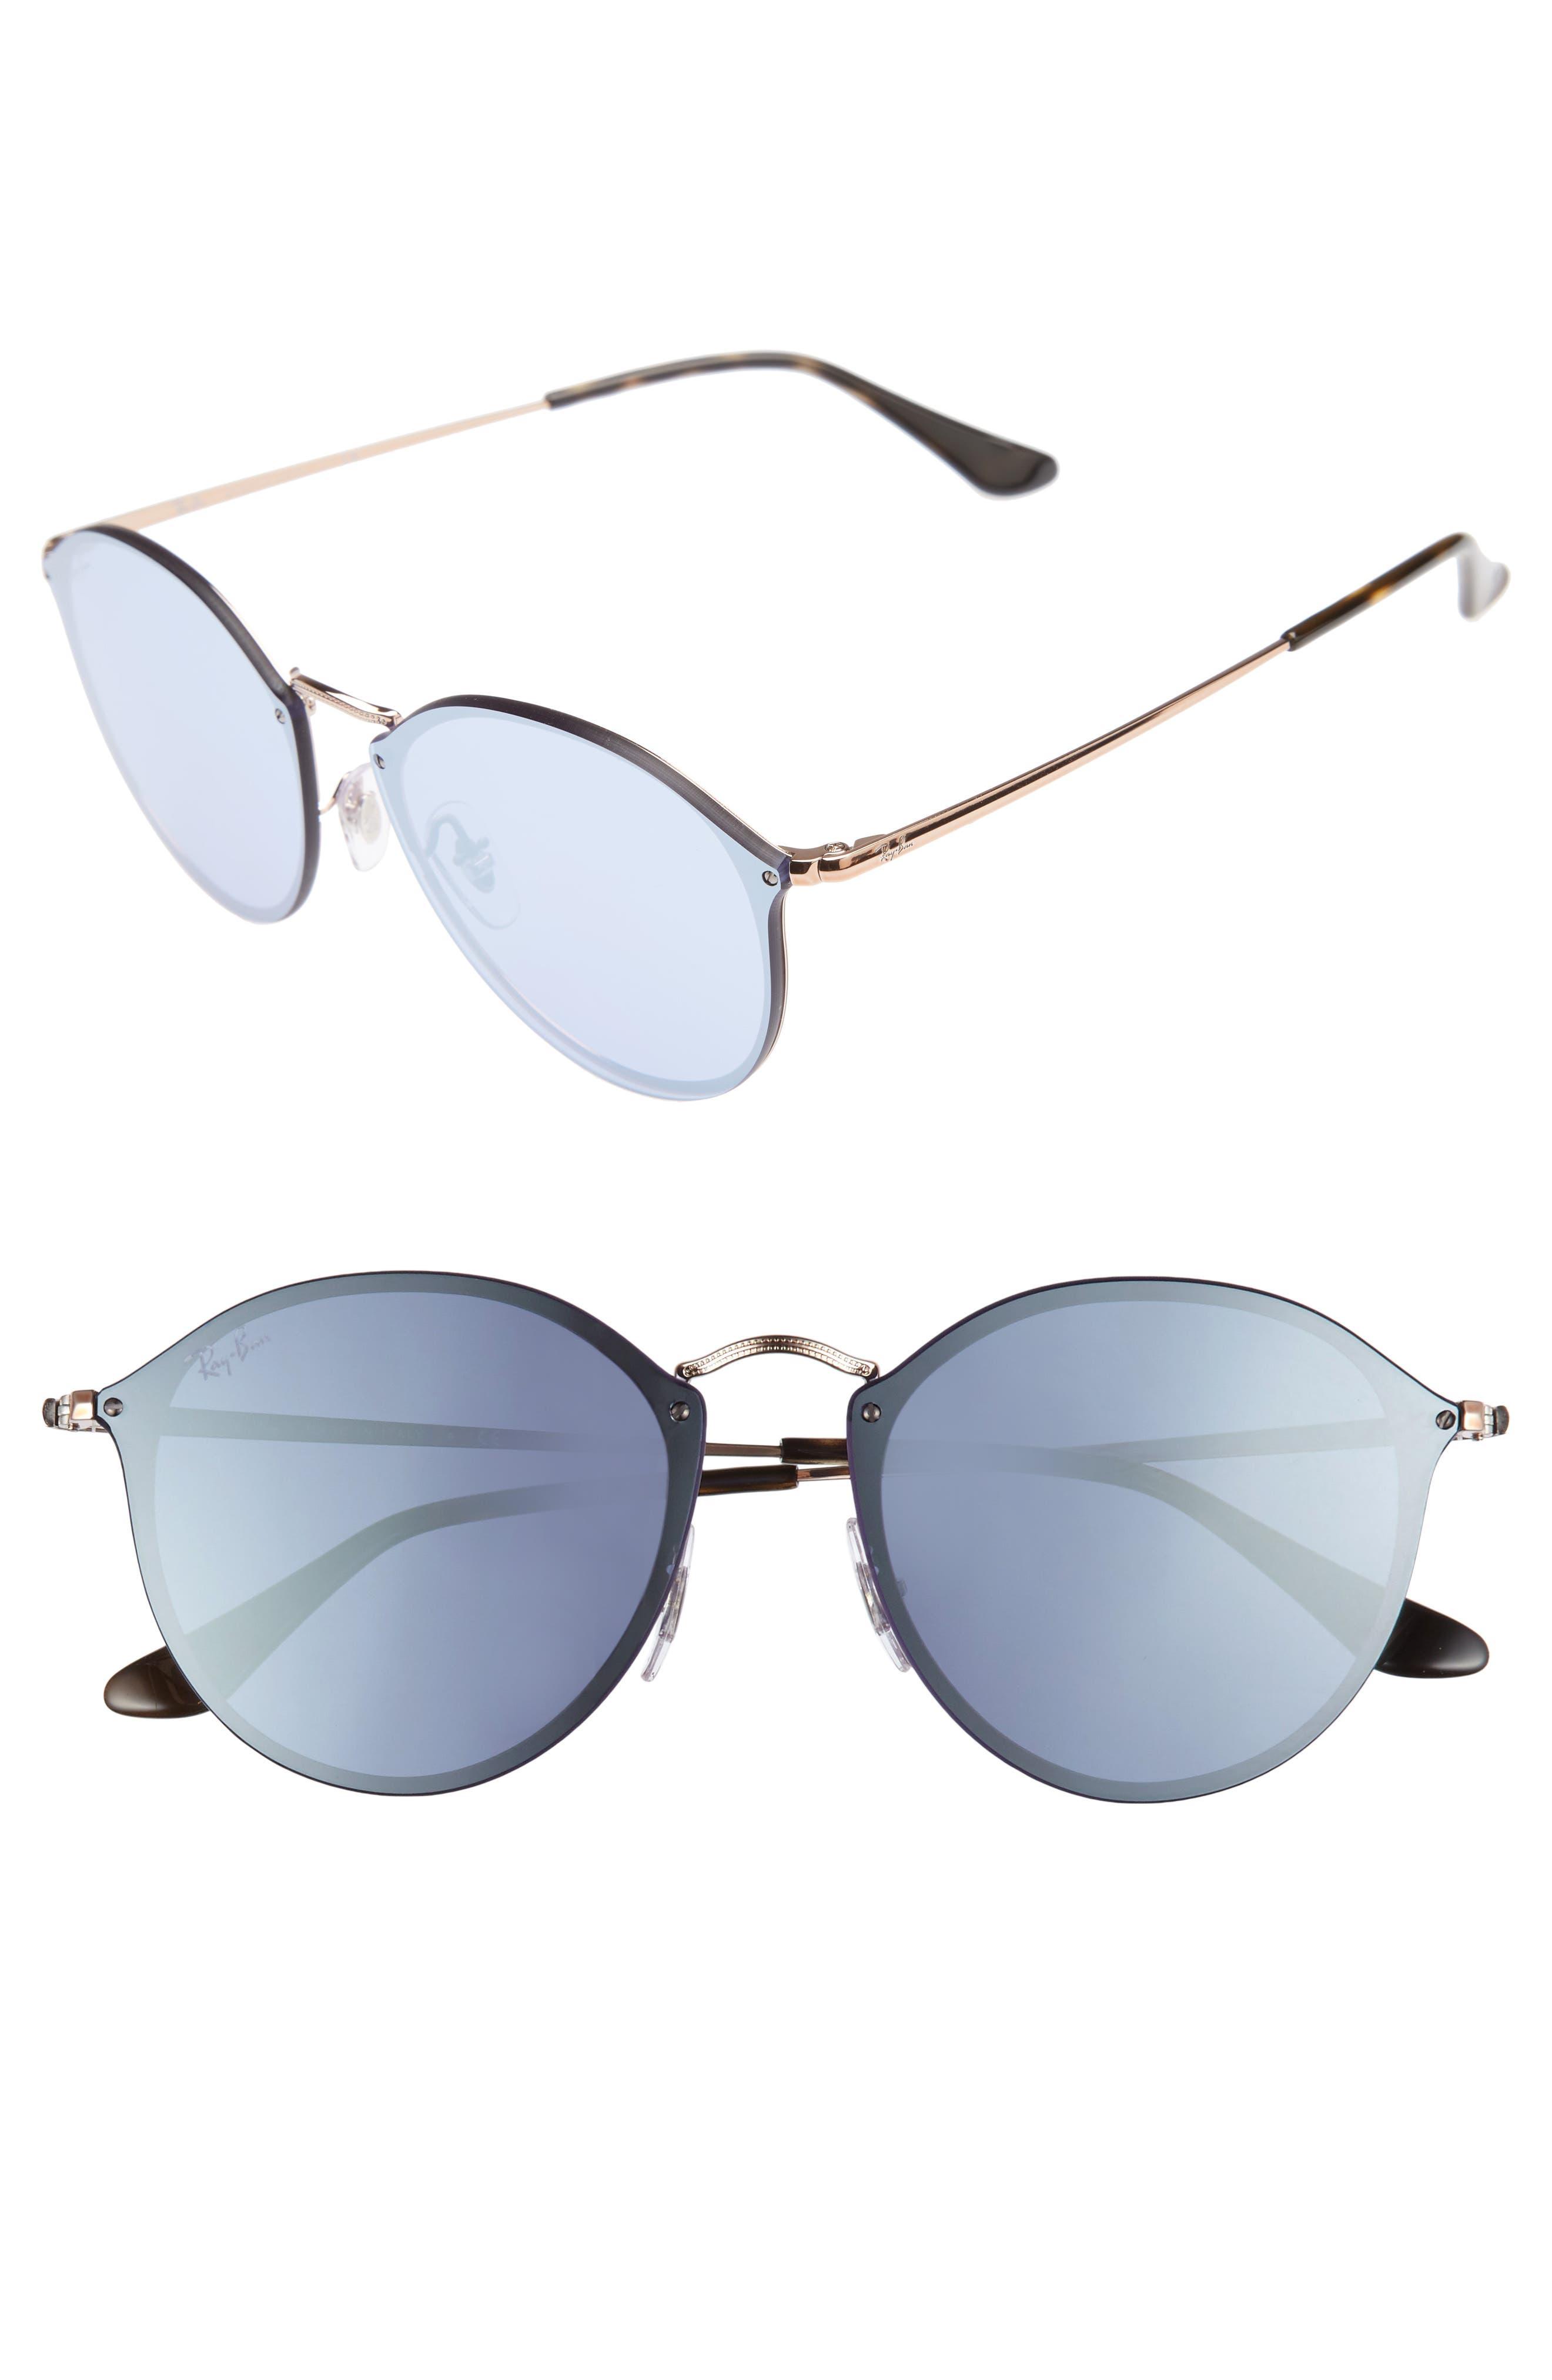 59mm Blaze Round Mirrored Sunglasses,                         Main,                         color, Copper